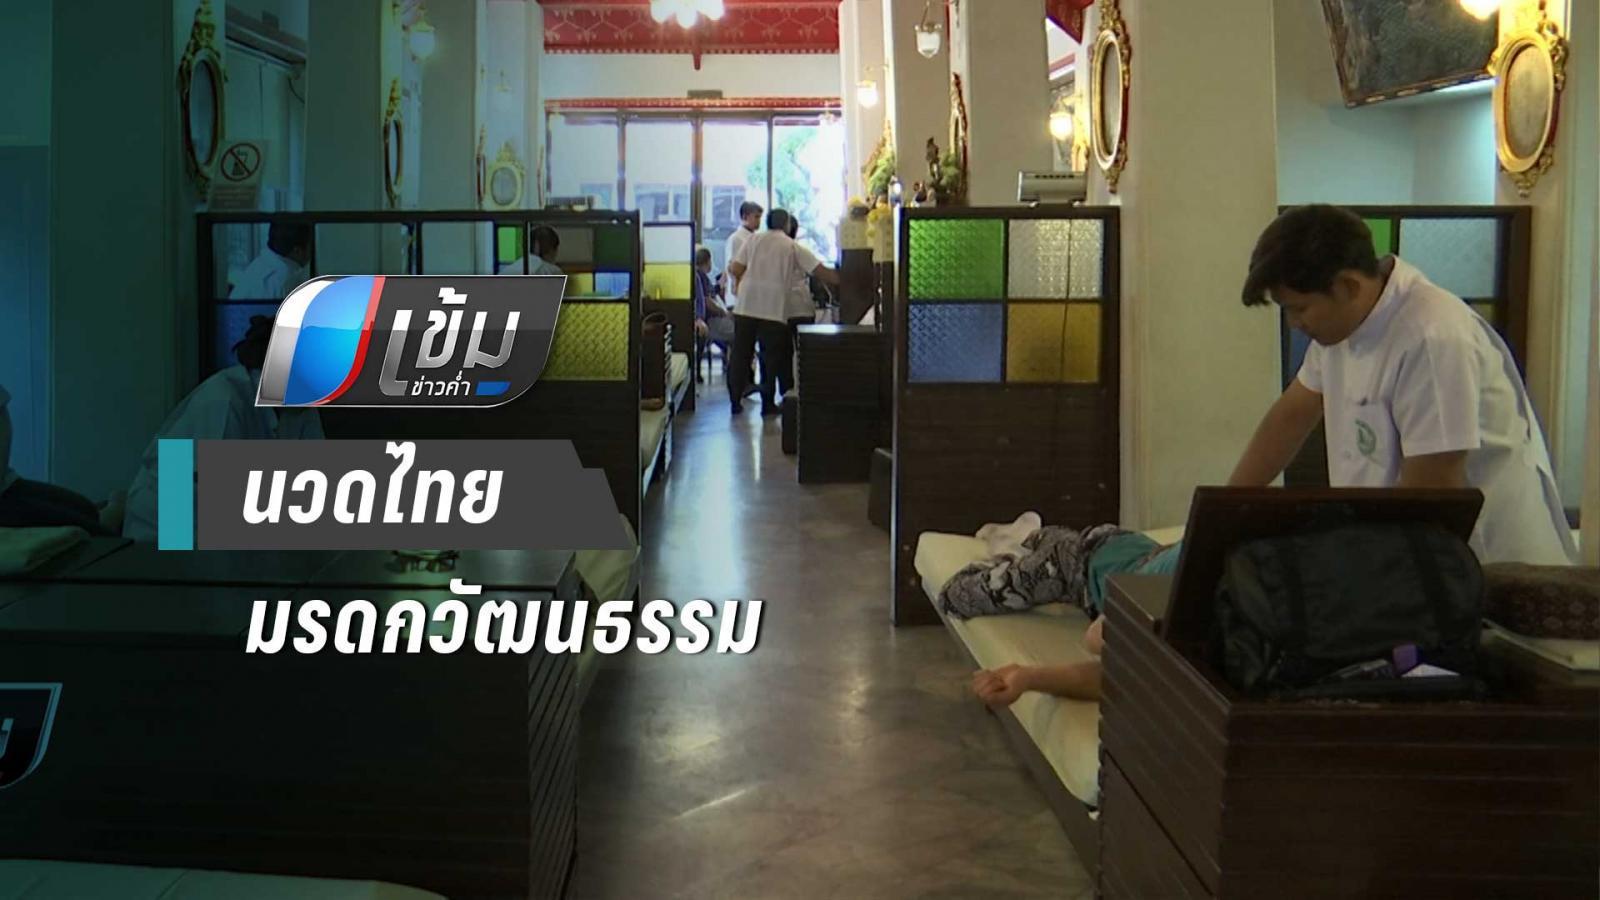 """ยูเนสโก ประกาศ """"นวดไทย"""" มรดกวัฒนธรรม ด้านวัดโพธิ์เปิดสาธิตการนวด"""